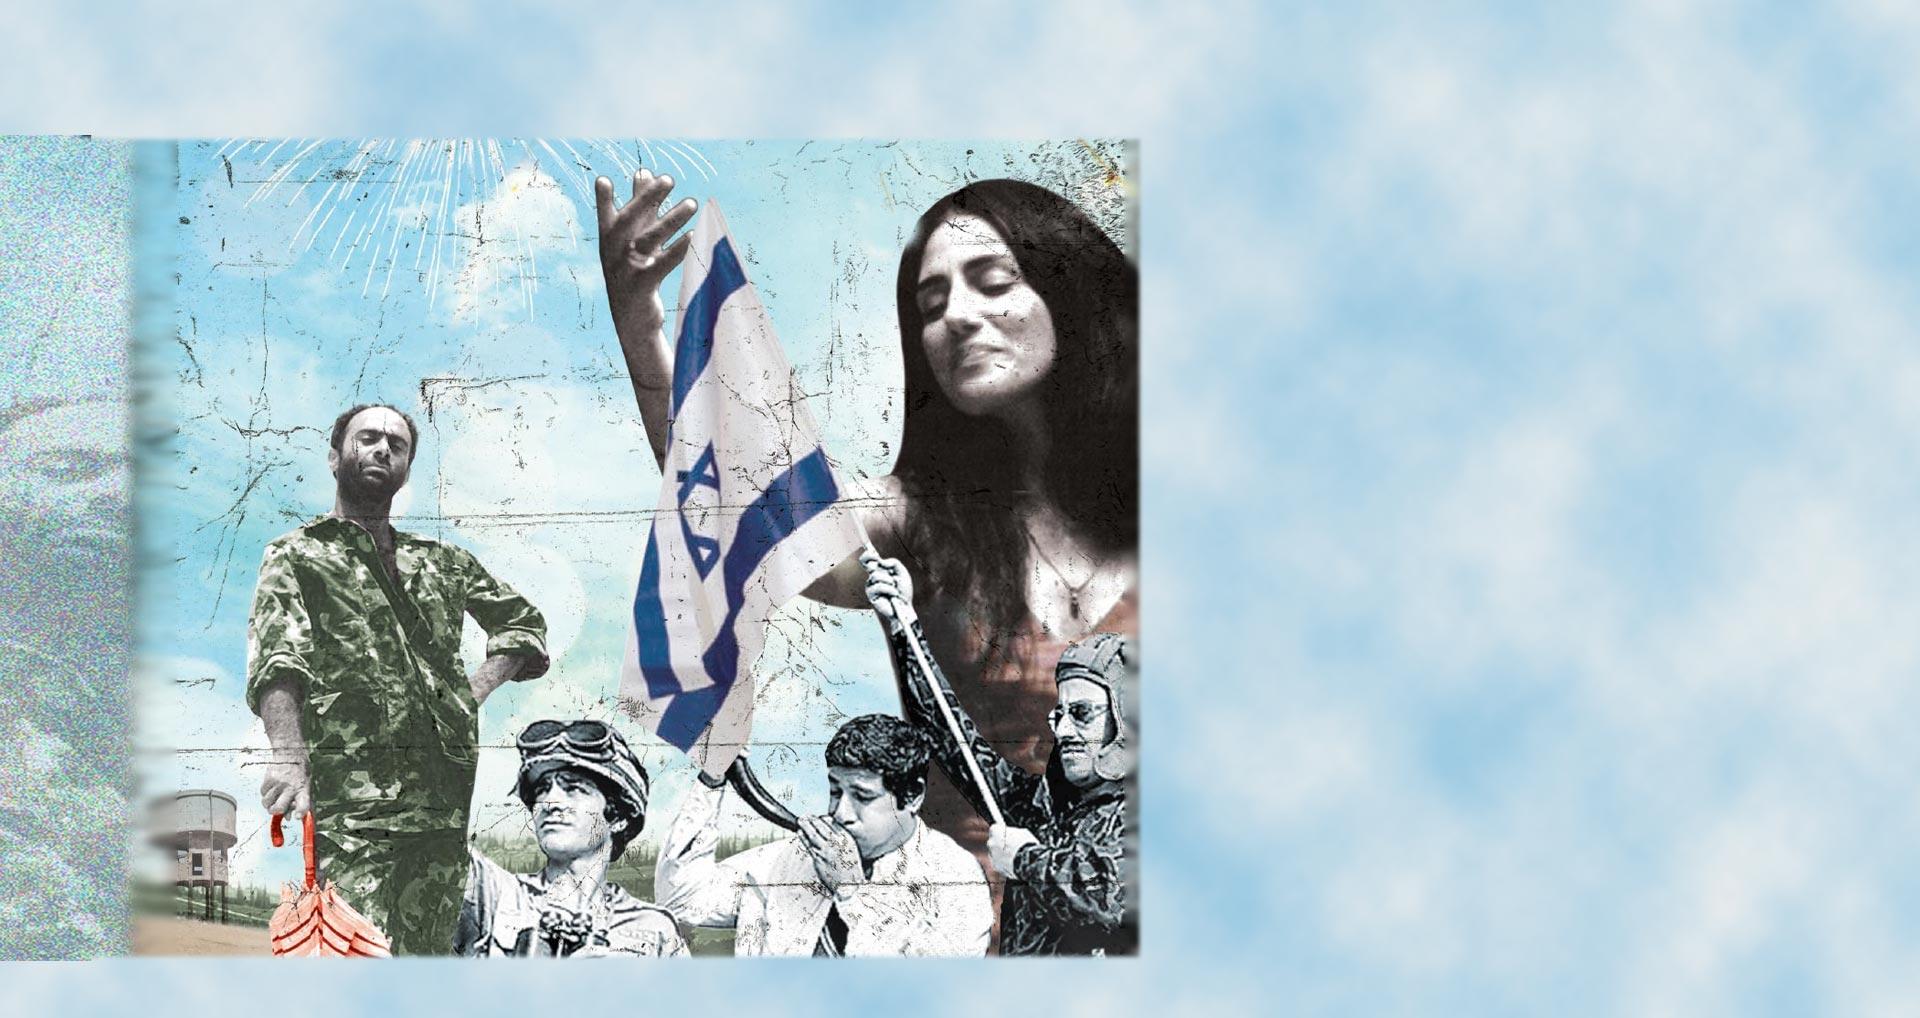 70 שנה <br>לקולנוע הישראלי